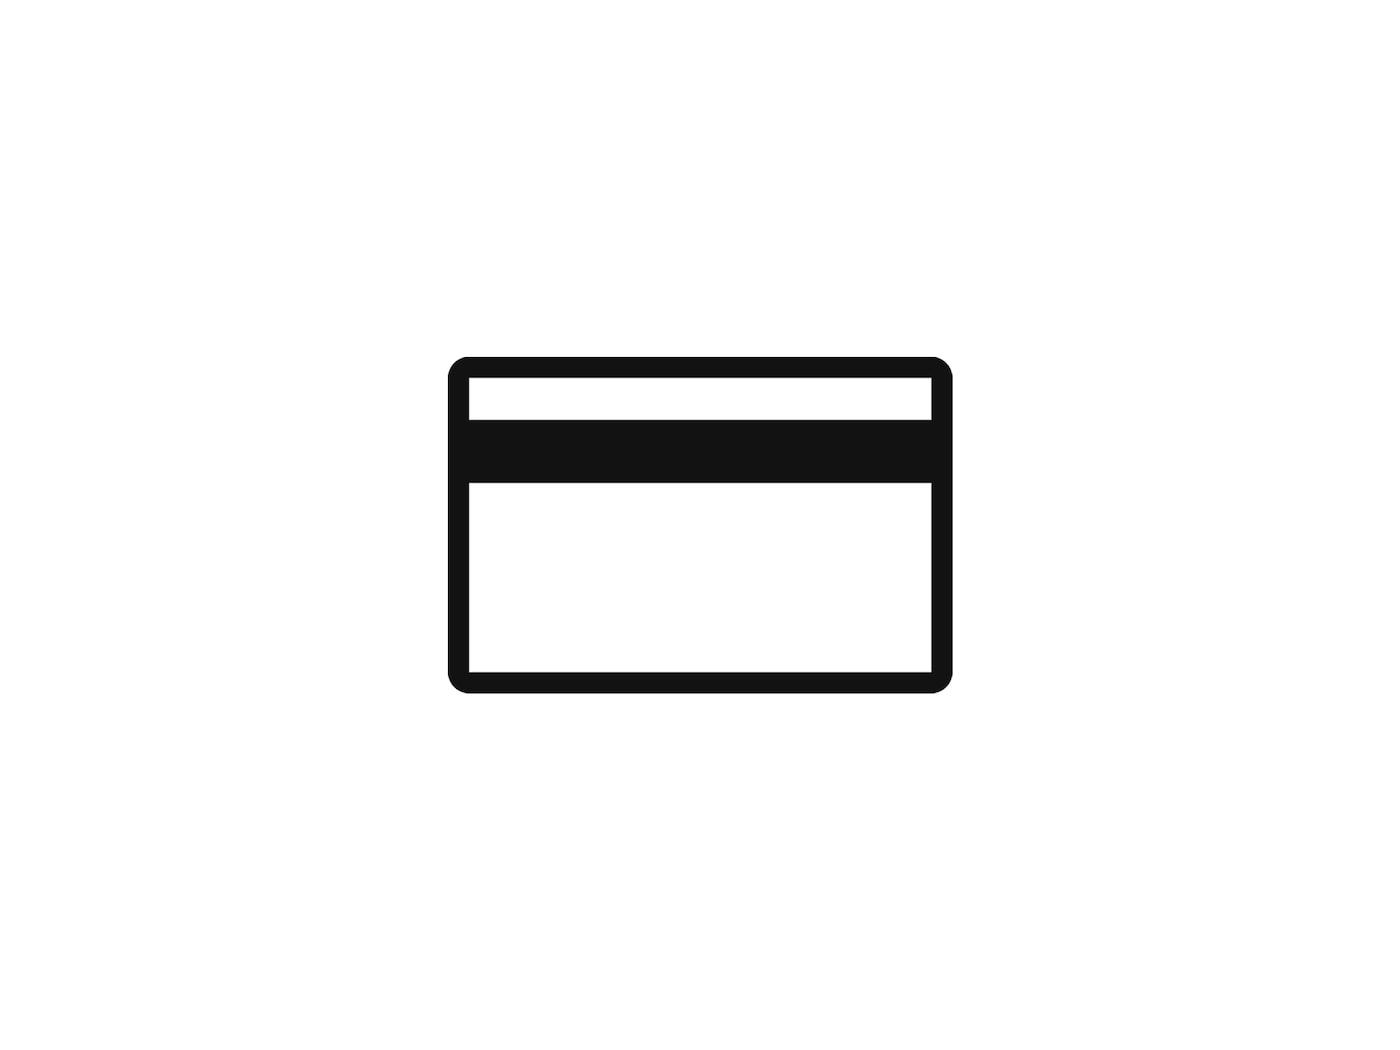 Piktogram platební karty symbolizující finance.